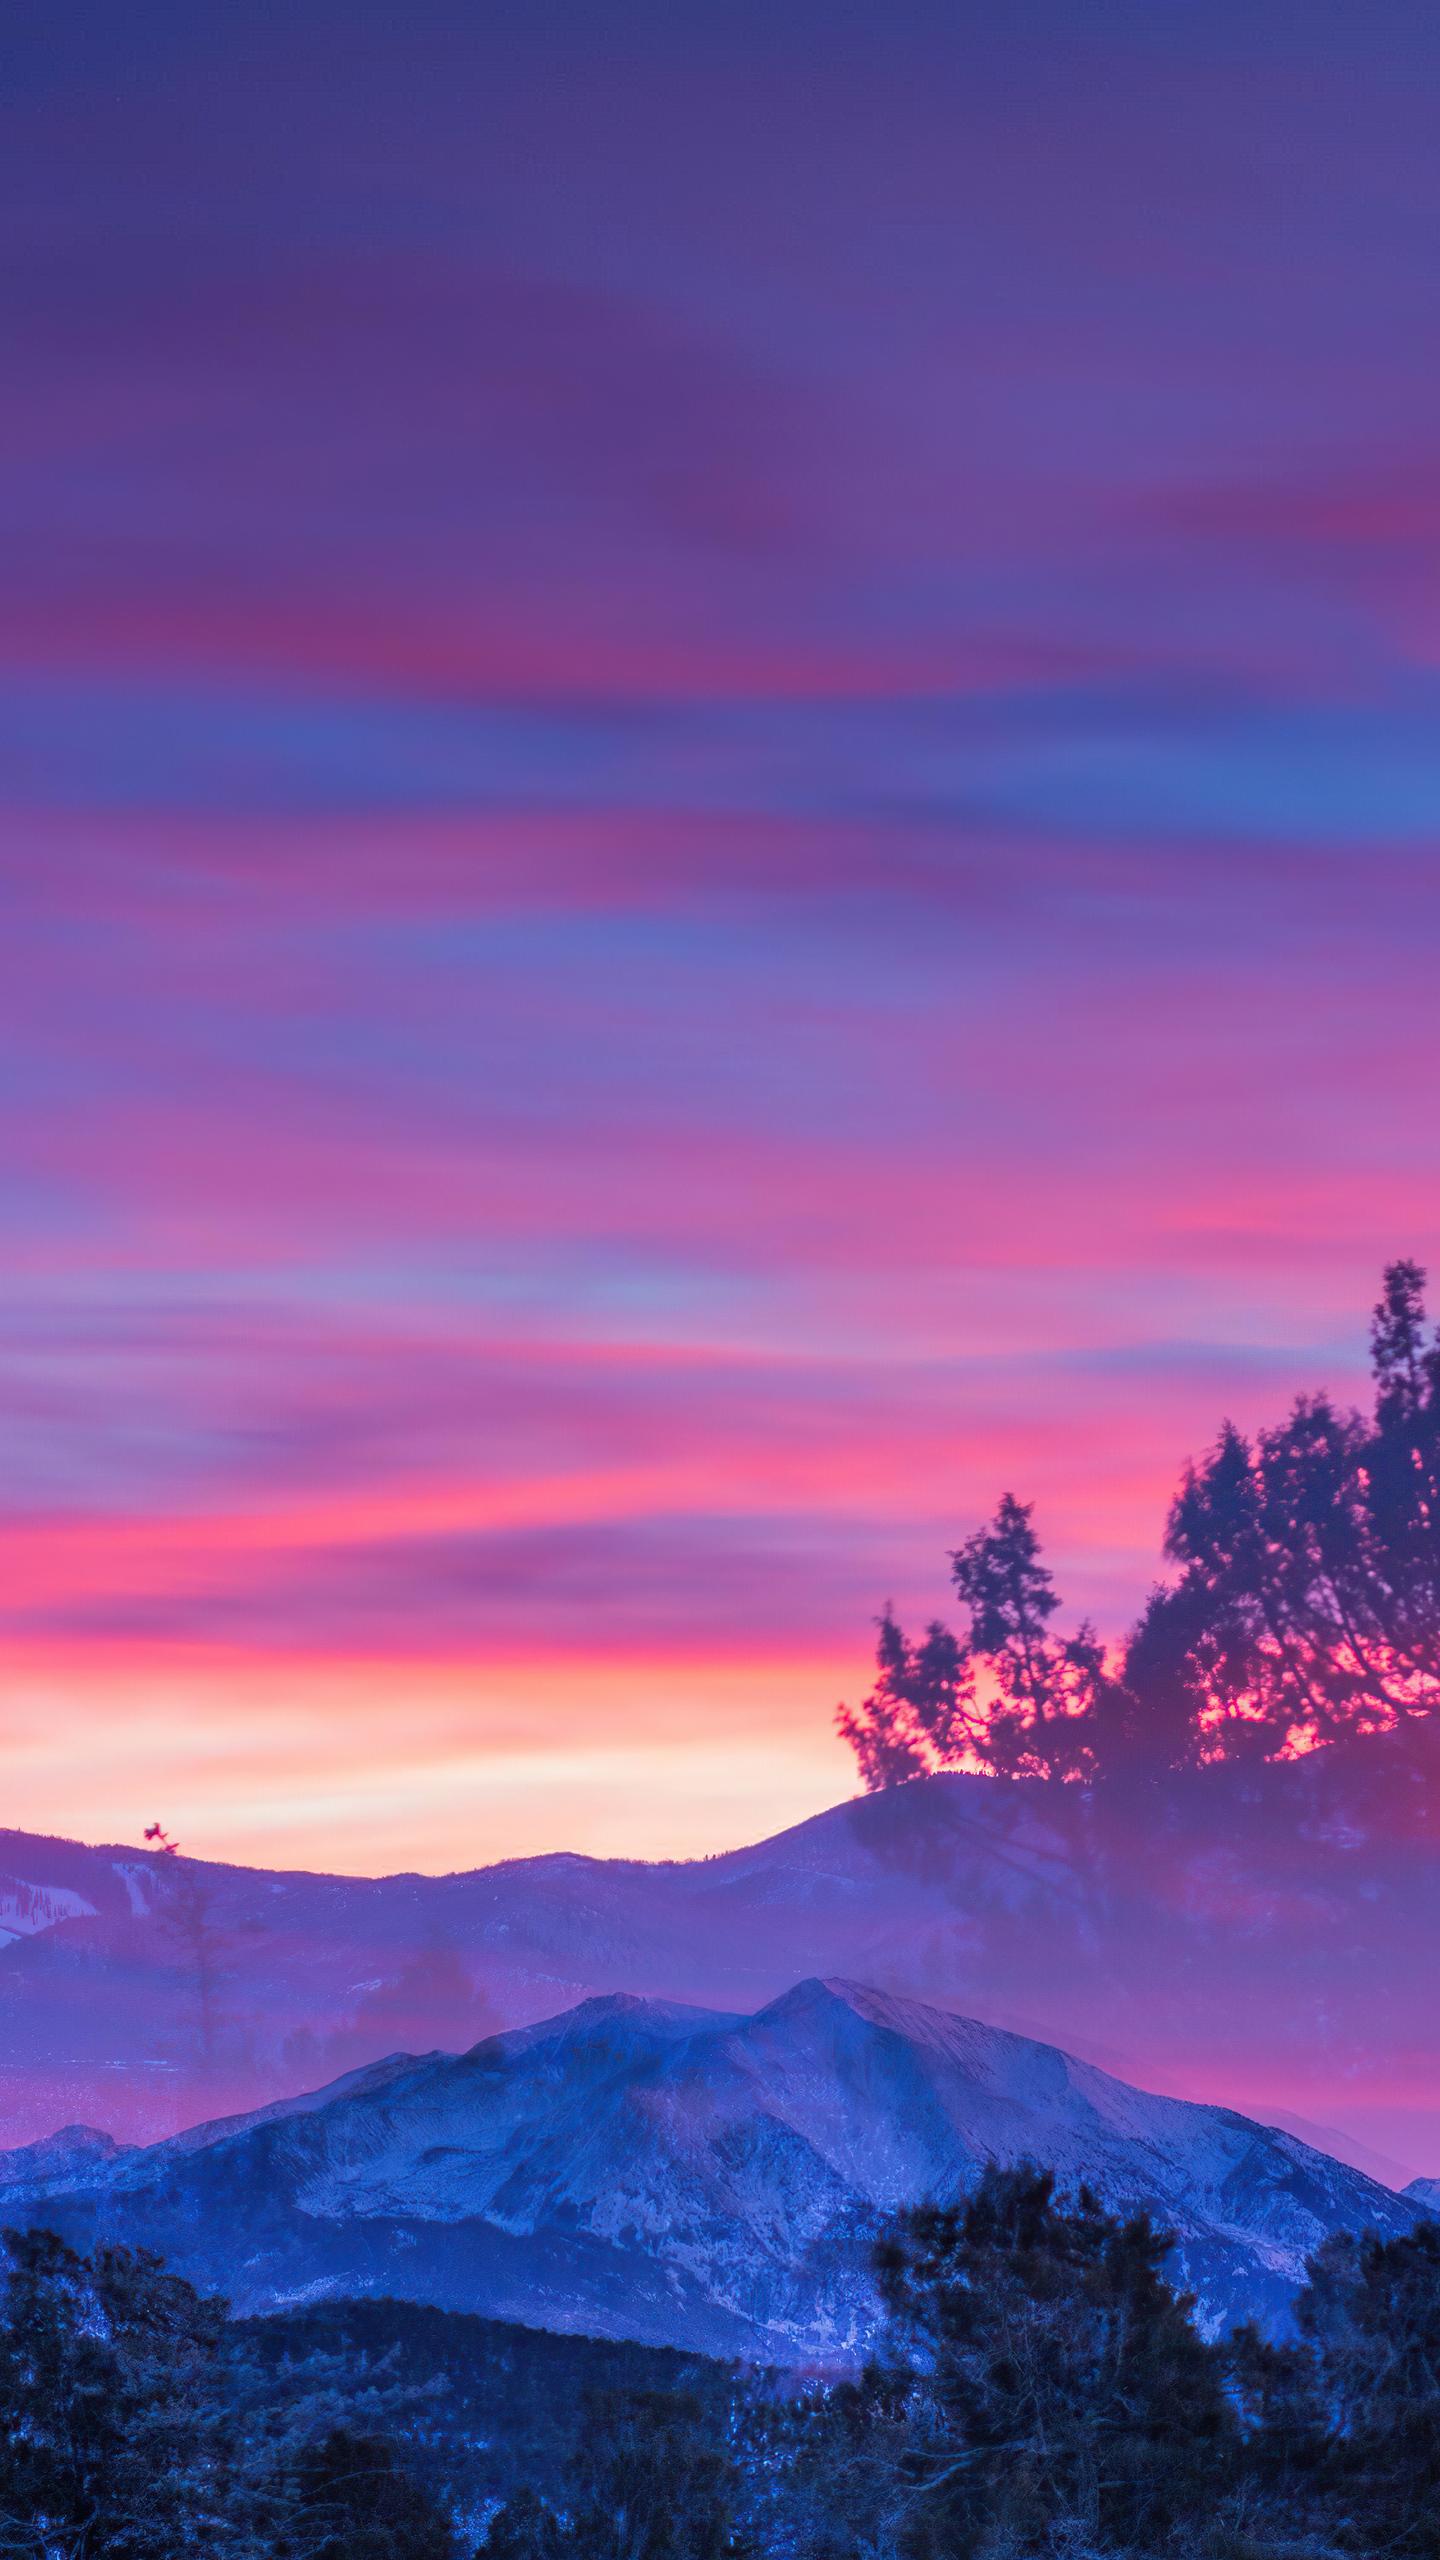 glenwood-springs-colorado-beautiful-sunset-4k-ir.jpg